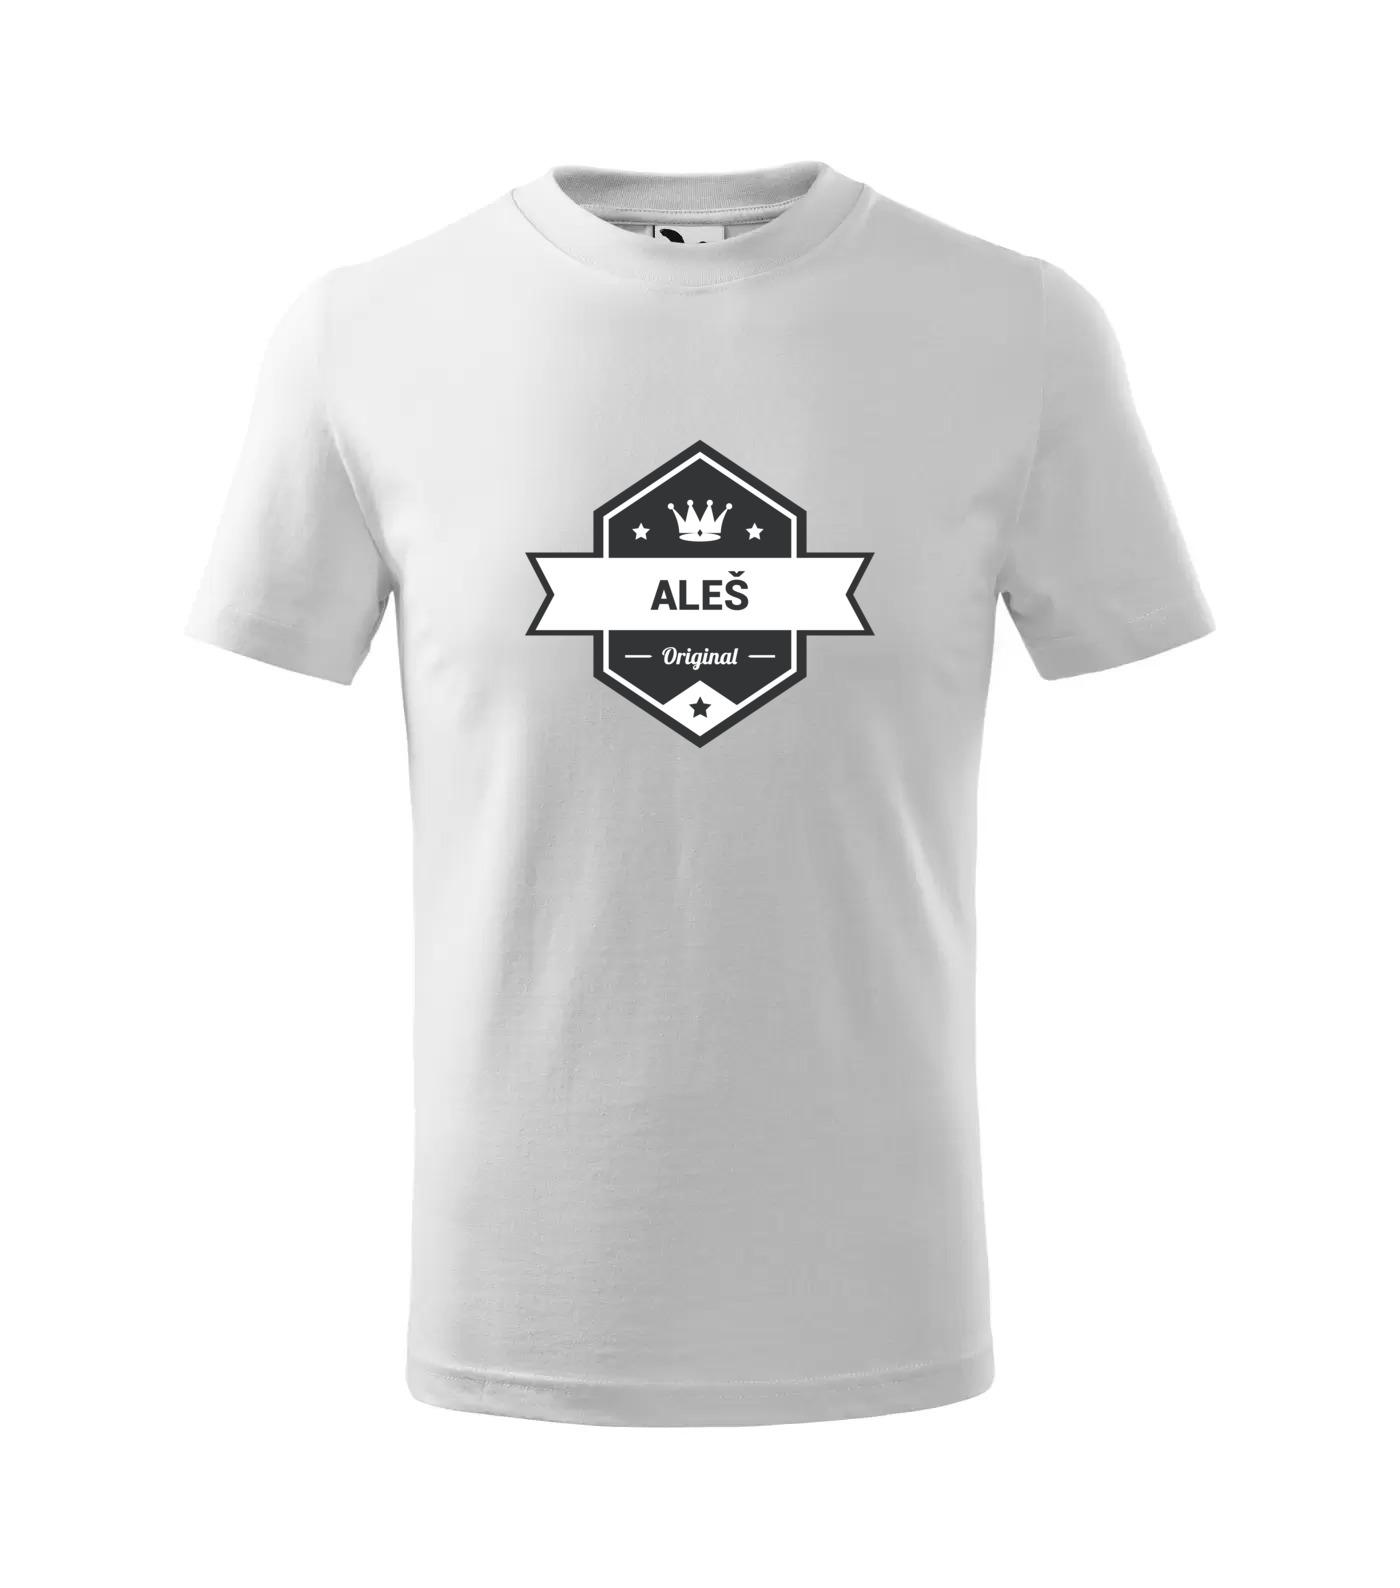 Tričko King Aleš